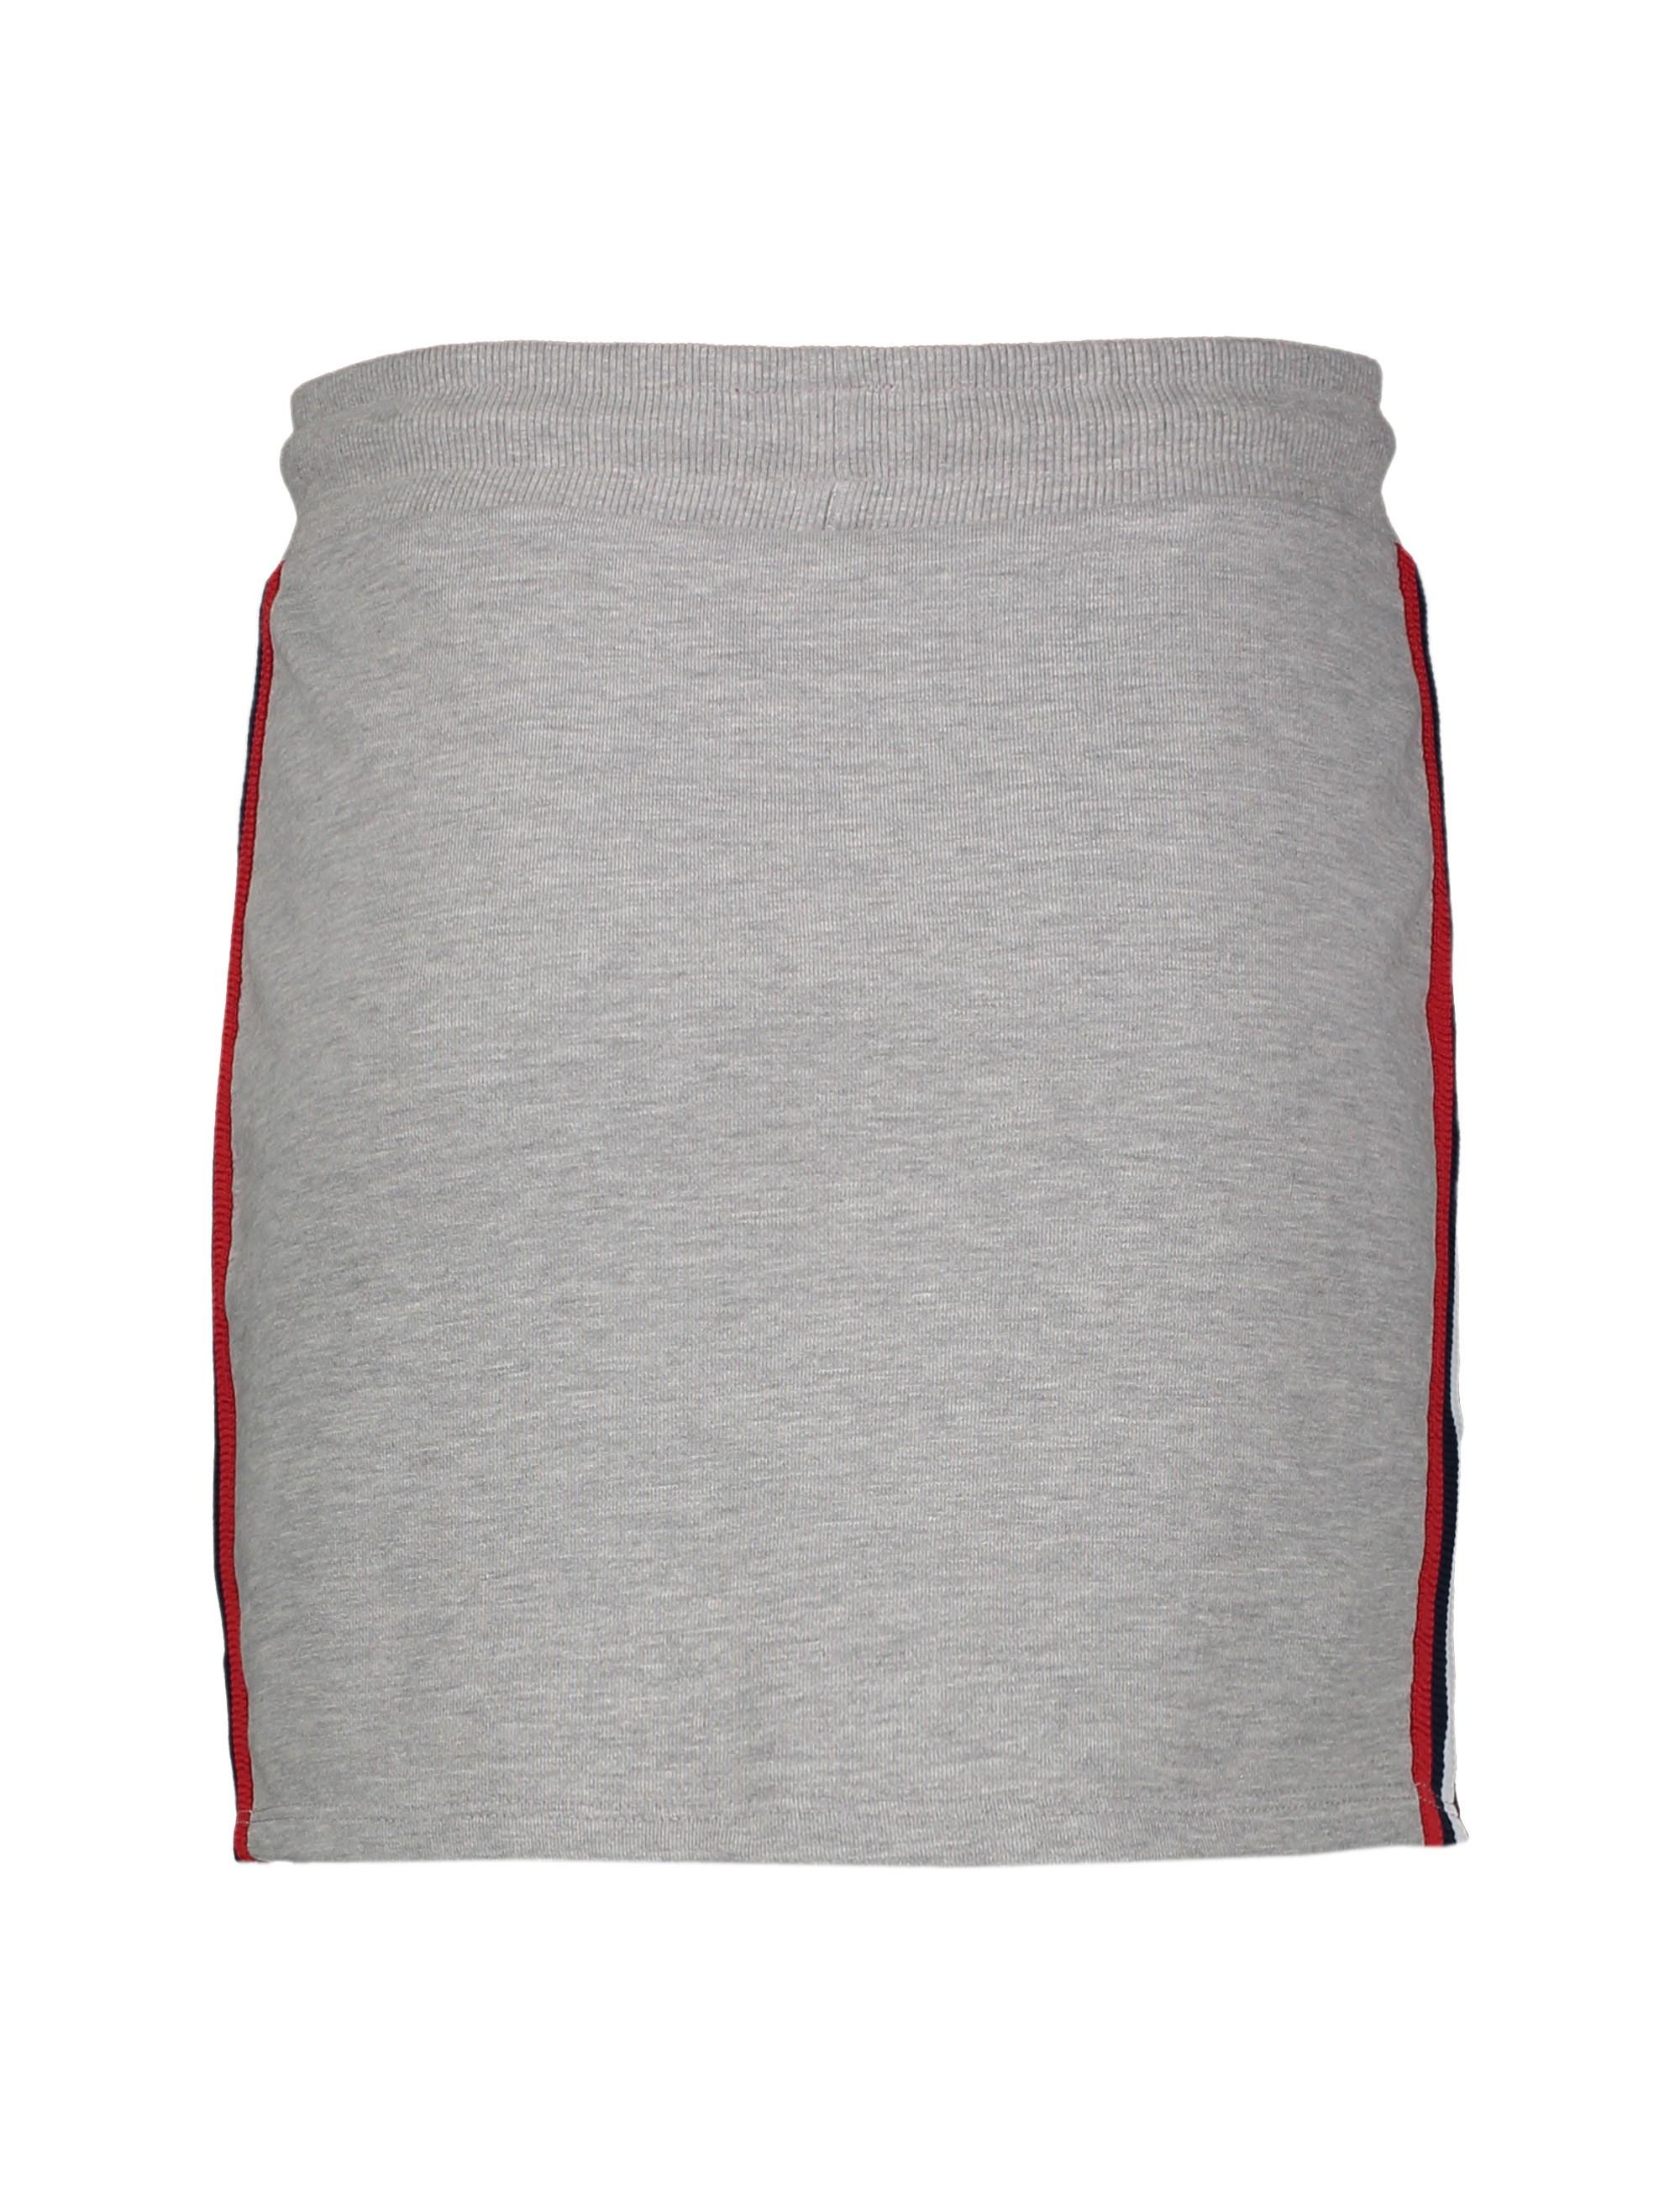 دامن کوتاه زنانه - سوپردرای